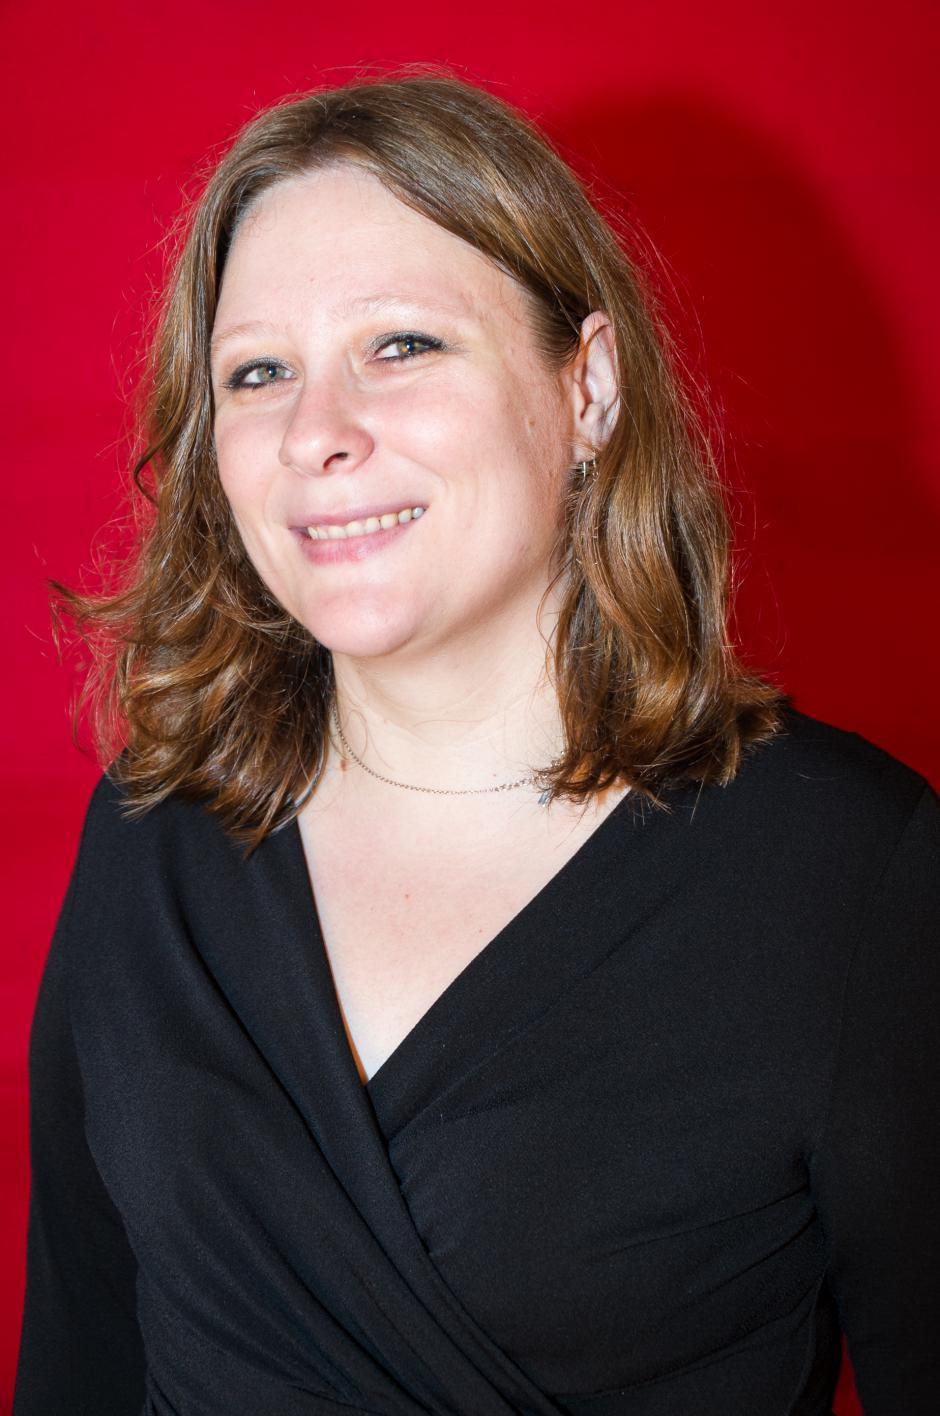 Colette Gergen